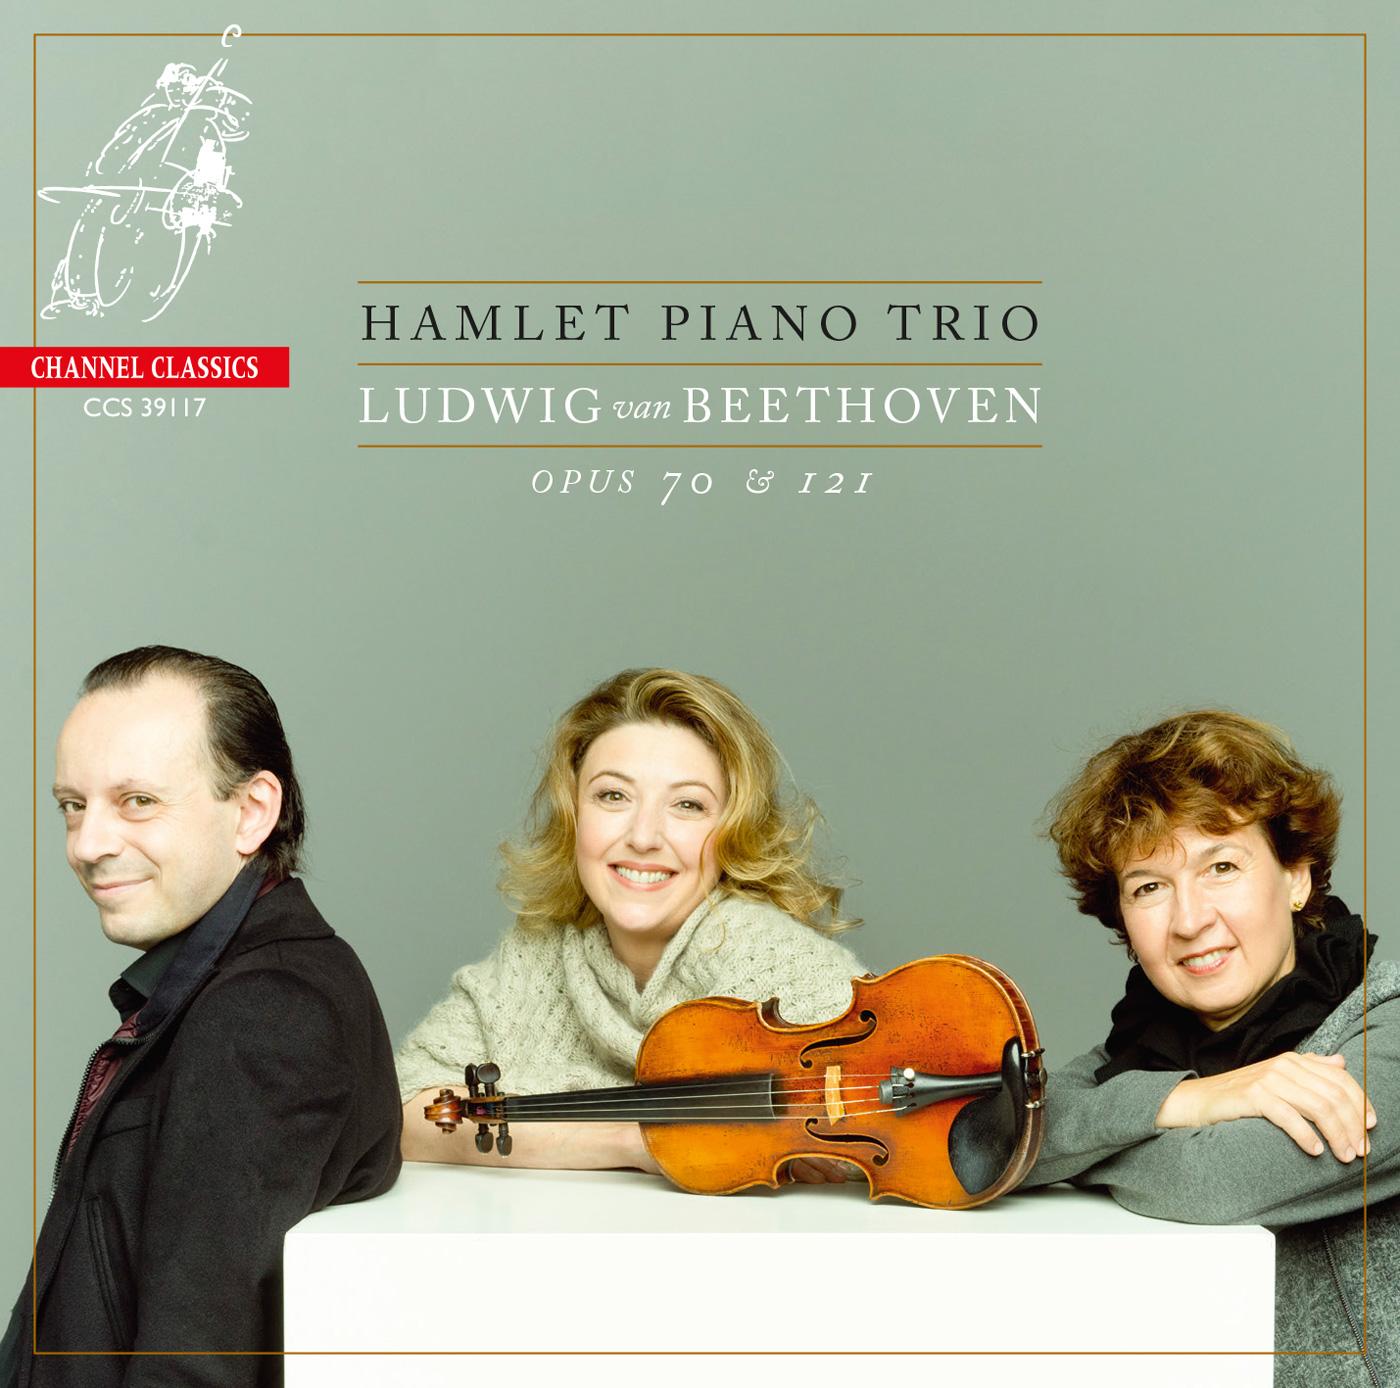 Hamlet Piano Trio – Beethoven: Opus 70 & 121